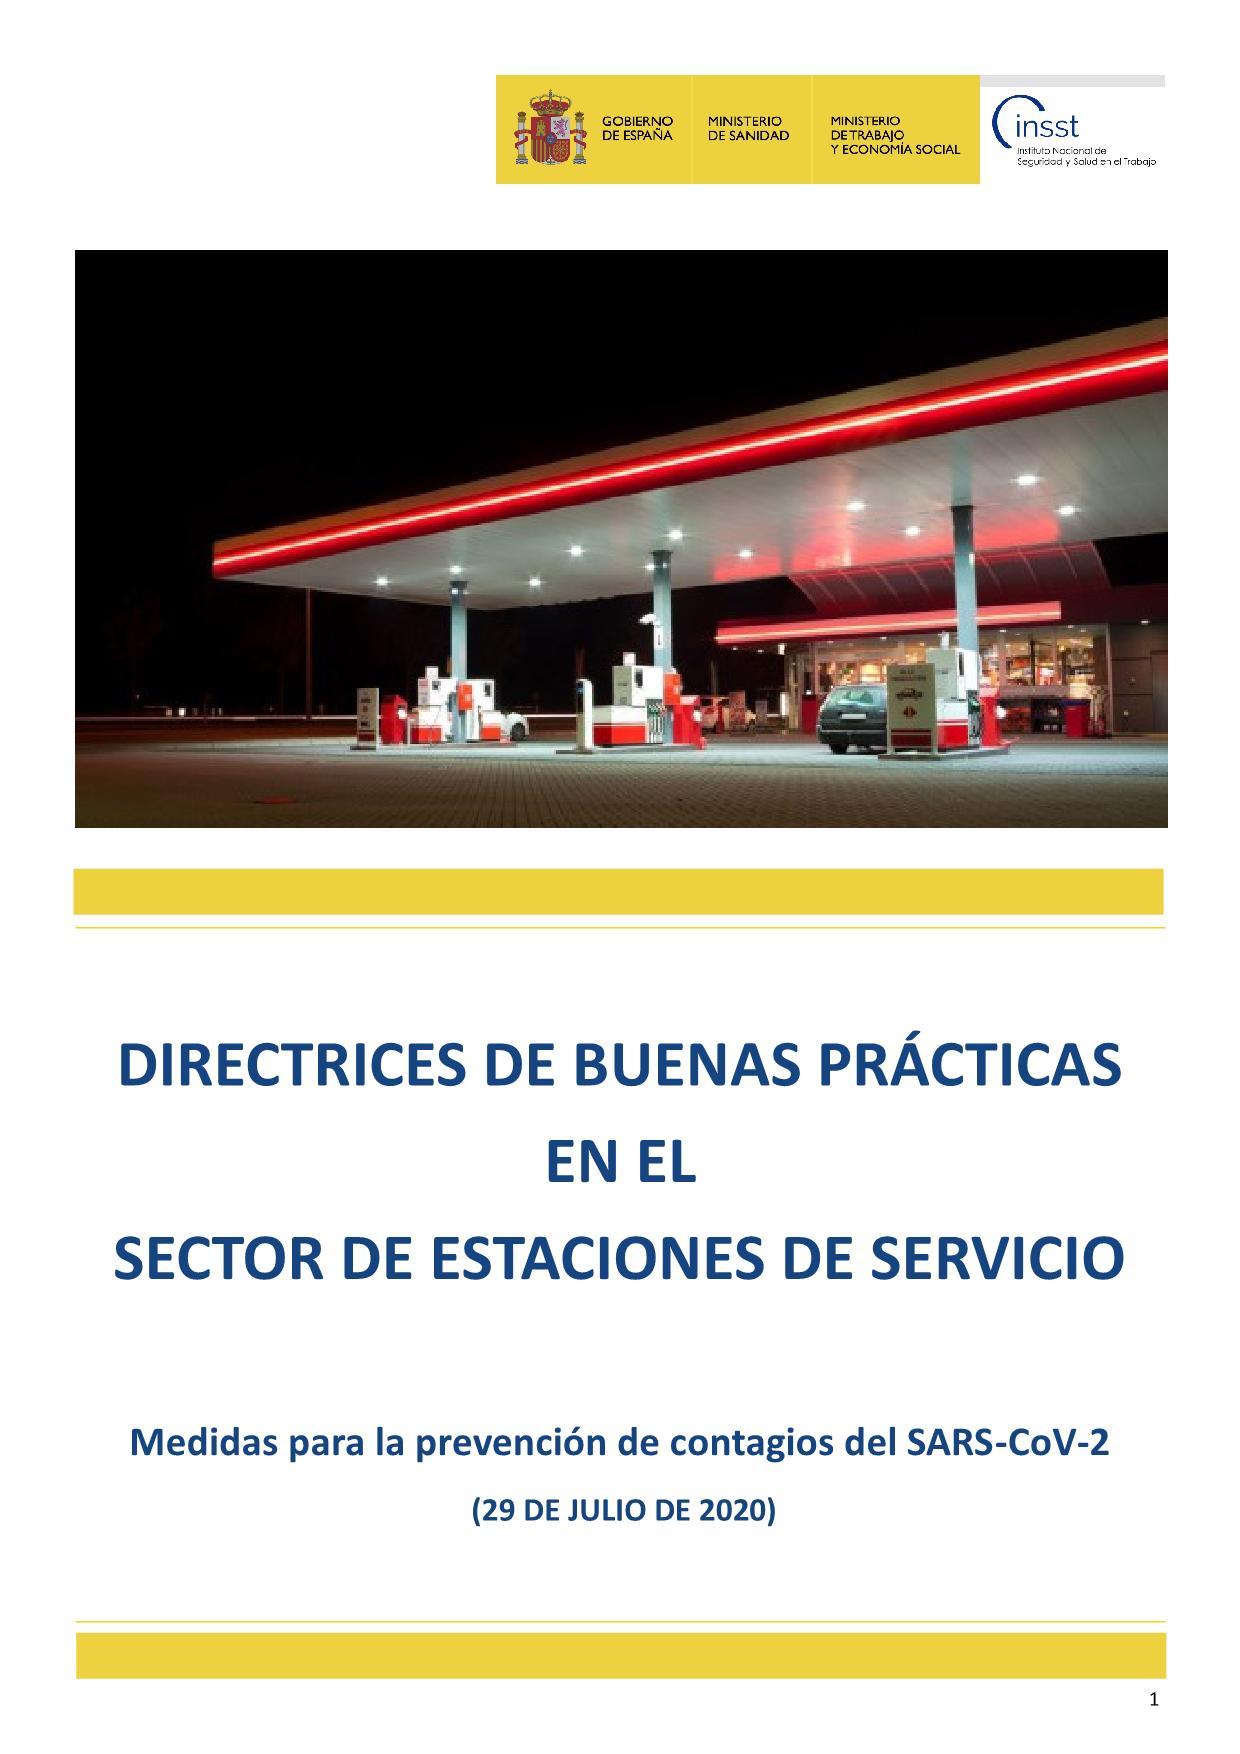 Directrices de buenas prácticas en el Sector Estaciones de Servicio_1